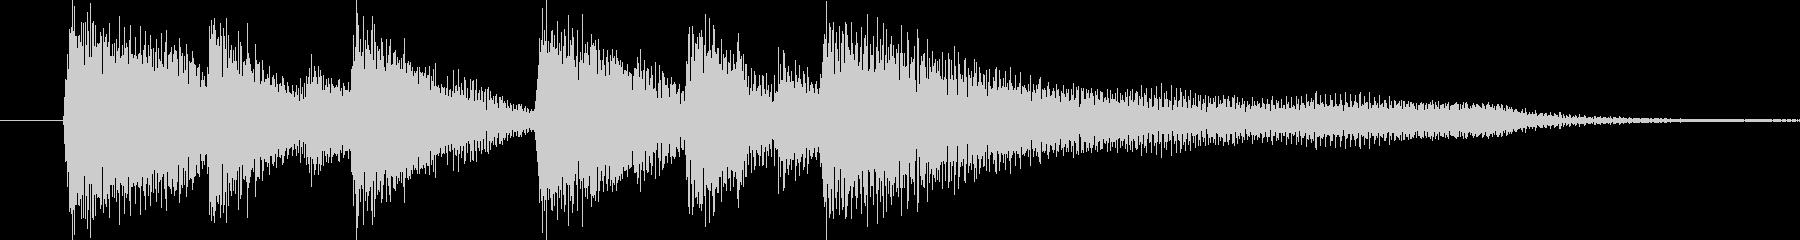 おしゃれなピアノジングルです。の未再生の波形